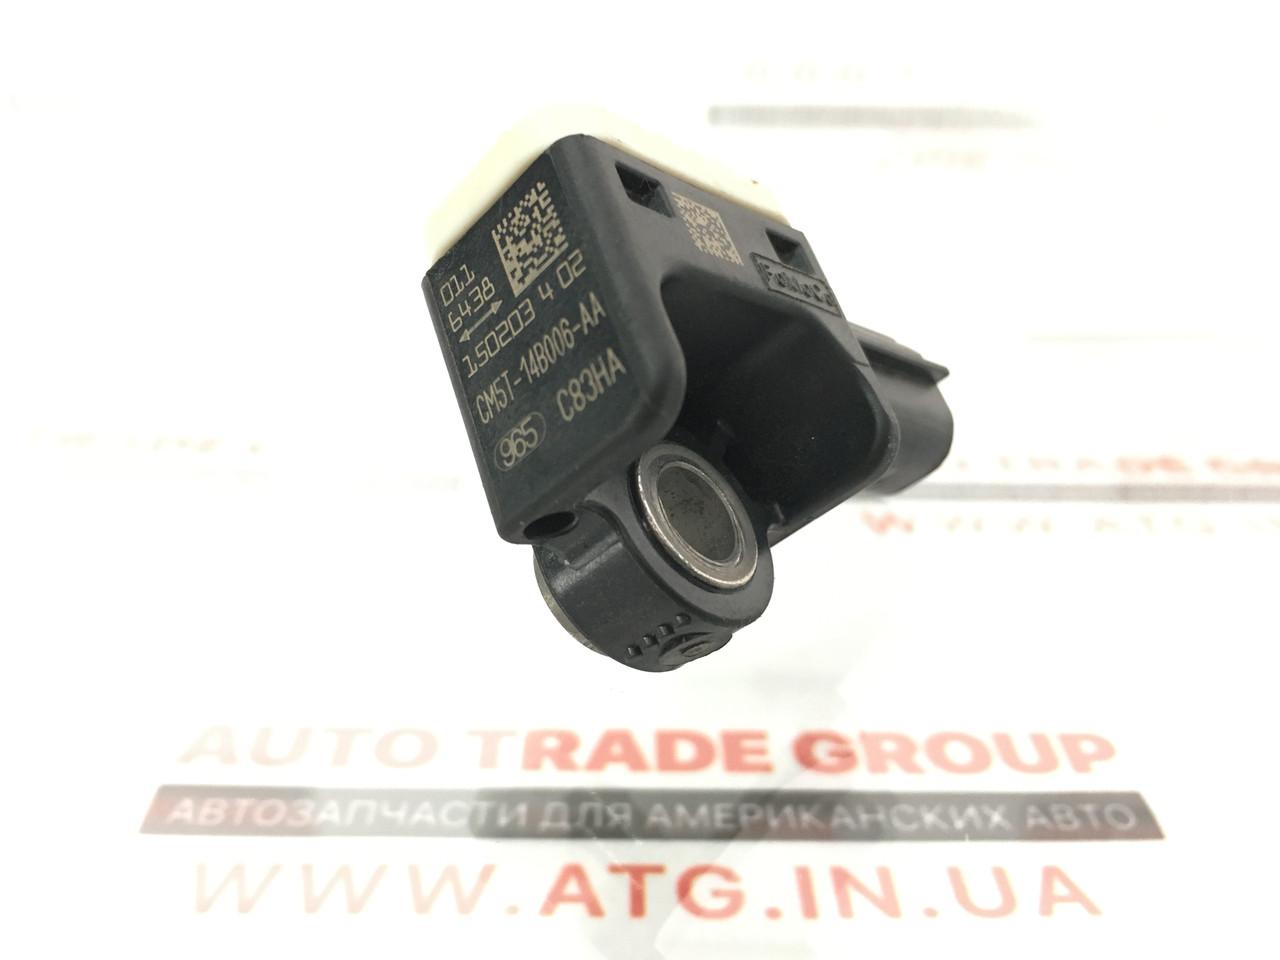 Датчик подушки безпеки задній (L/R) ord Fusion mk5 13-16 cm5t-14b006-aa